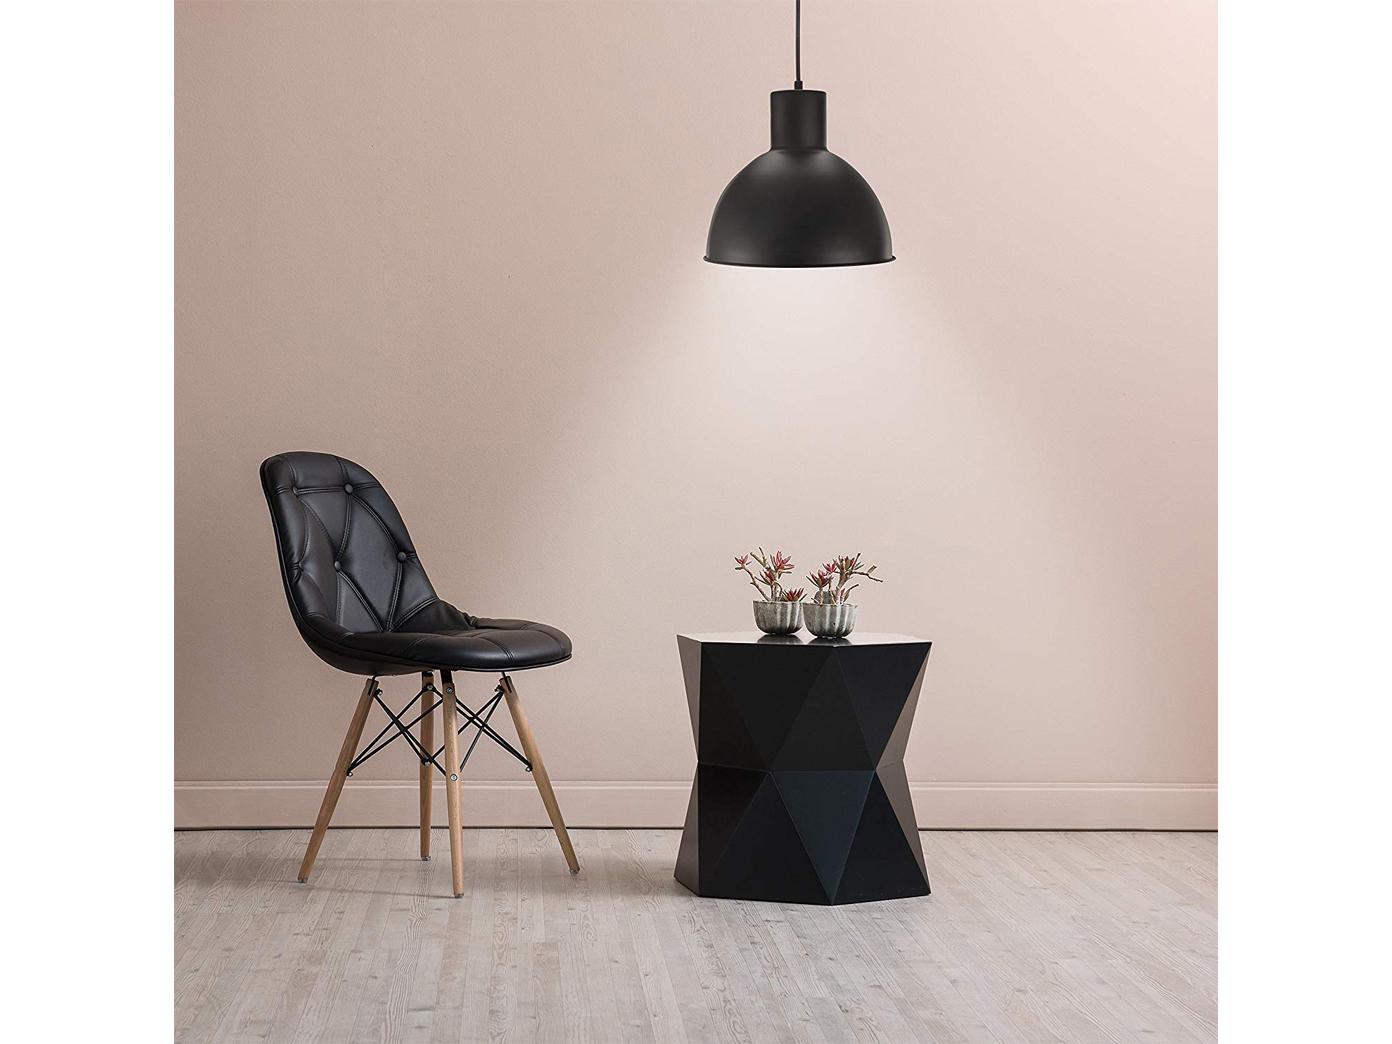 h ngelampe industrielampe 30cm metall schwarz bronze. Black Bedroom Furniture Sets. Home Design Ideas